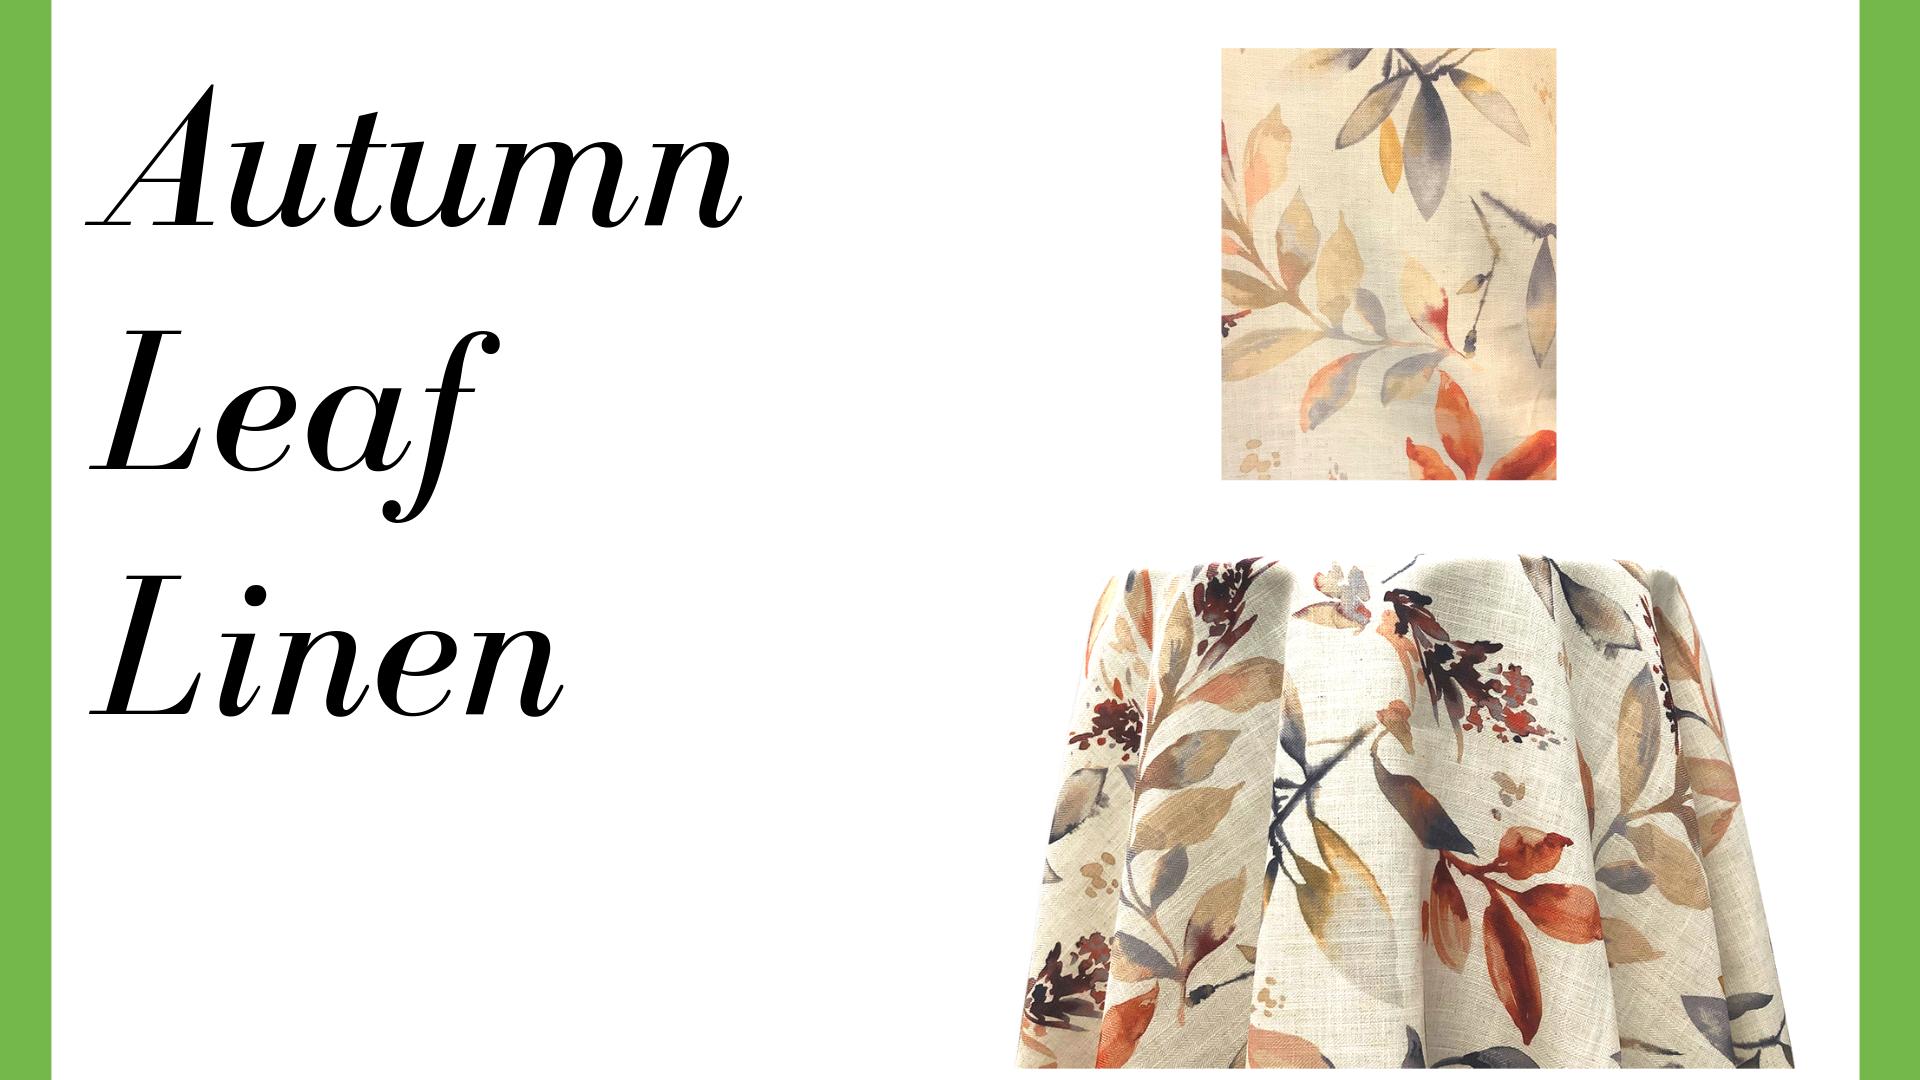 Autumn Leaf Linen